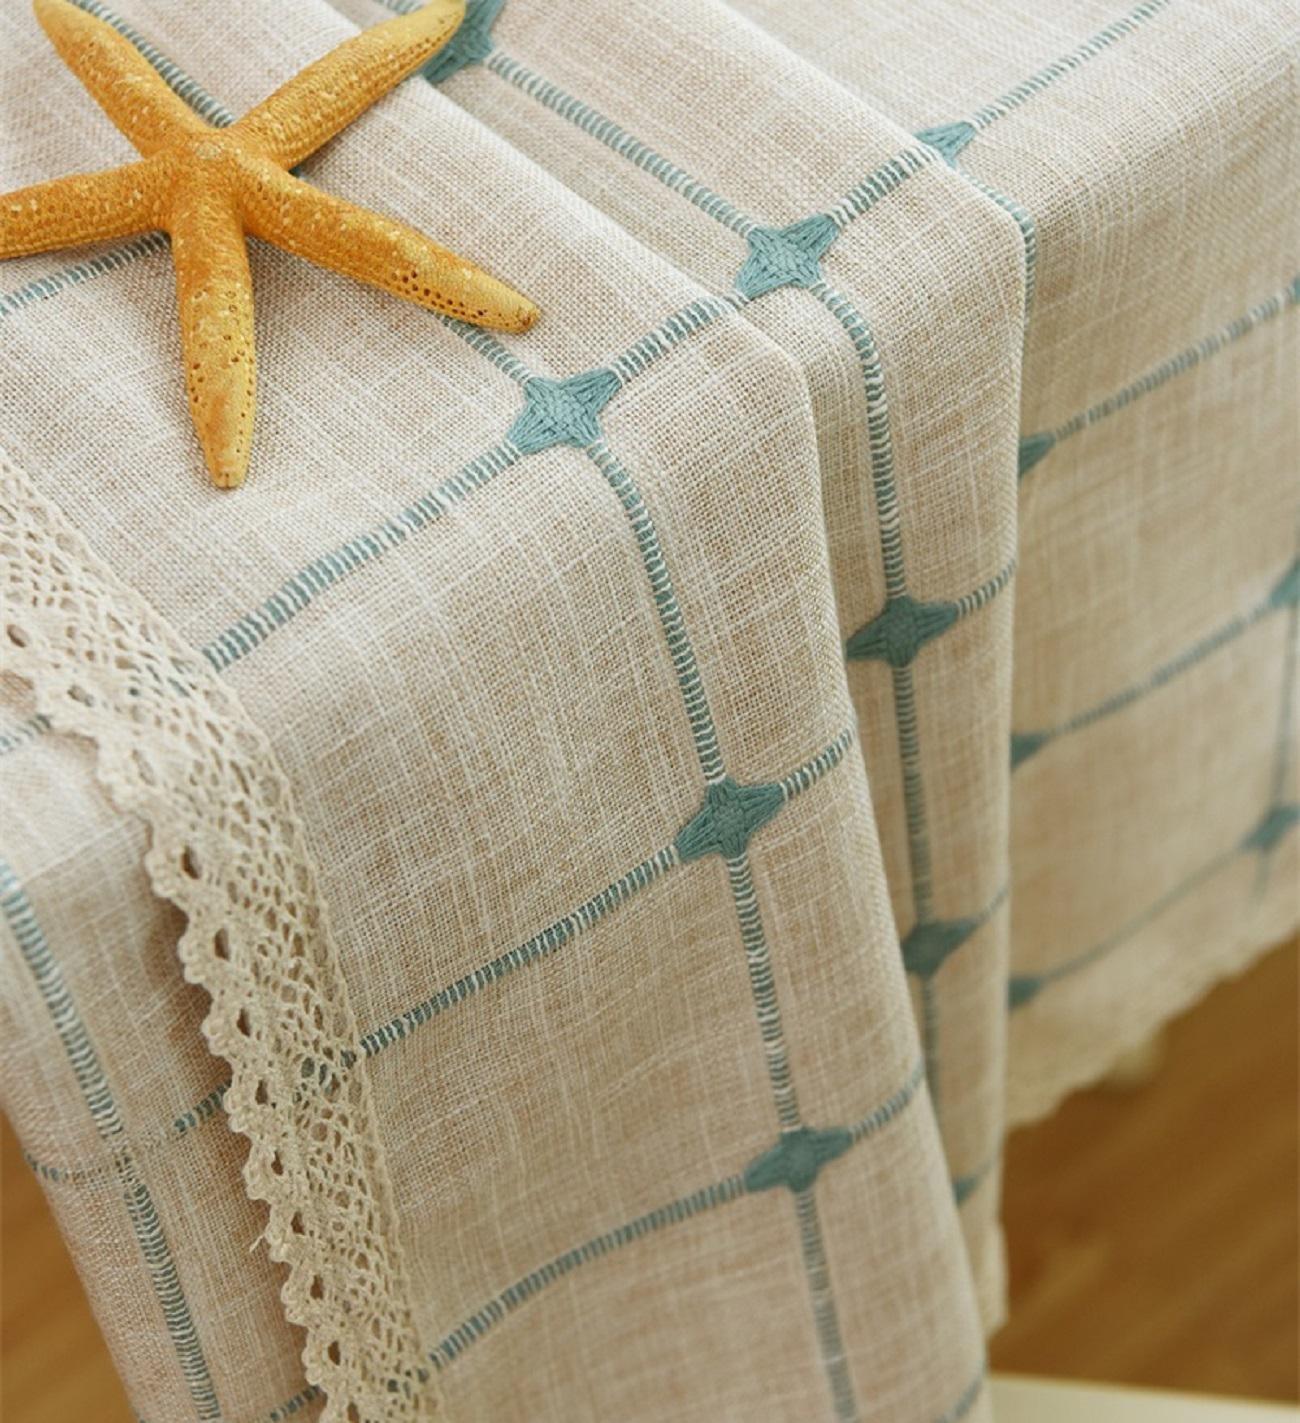 GAOJIAN Elegante Jacquard-Spitze-Tischdecke für Hochzeits-Partei-Hauptrundtisch-Leinen-Tuch-Abdeckungs-Textildekoration-Tücher , 6060 , b B074L35Y8F TischdeckenSpaß | Bekannt für seine schöne Qualität